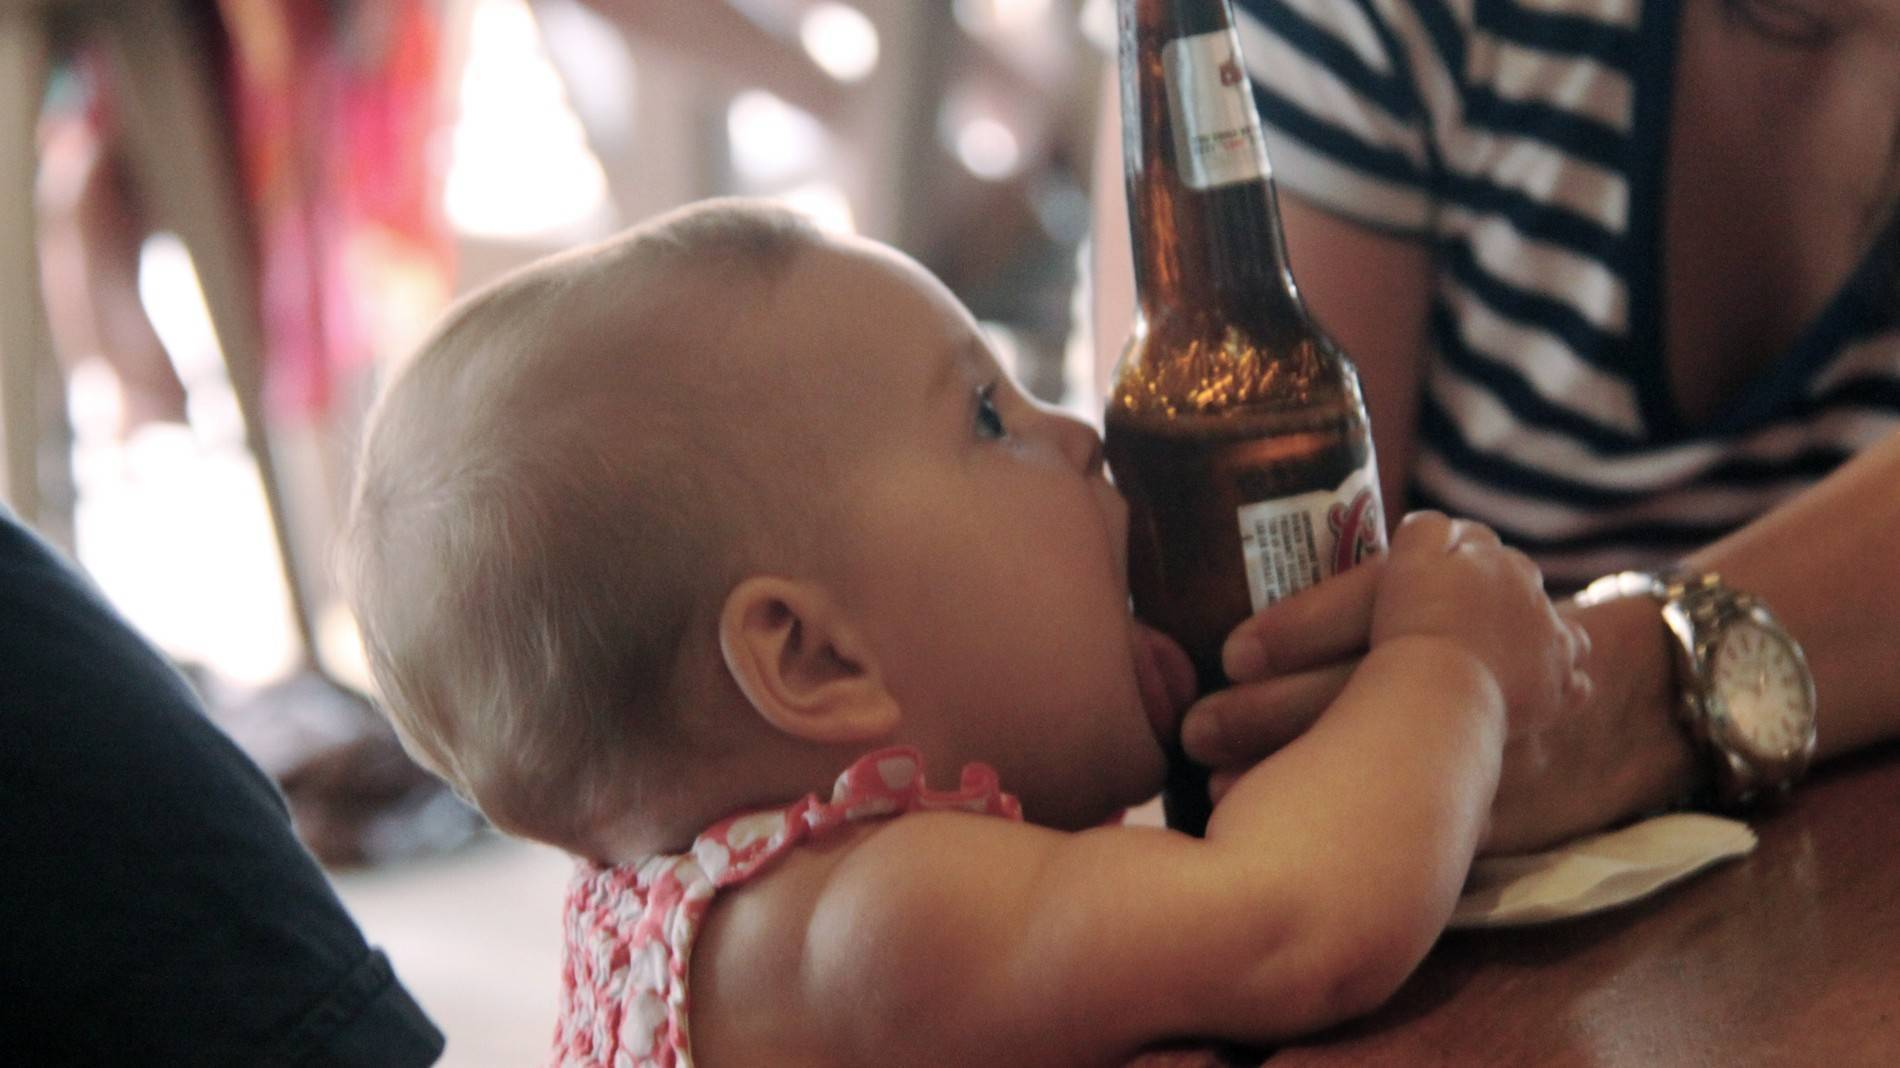 Ребенок пьет алкоголь: пиво, вино, что делать?